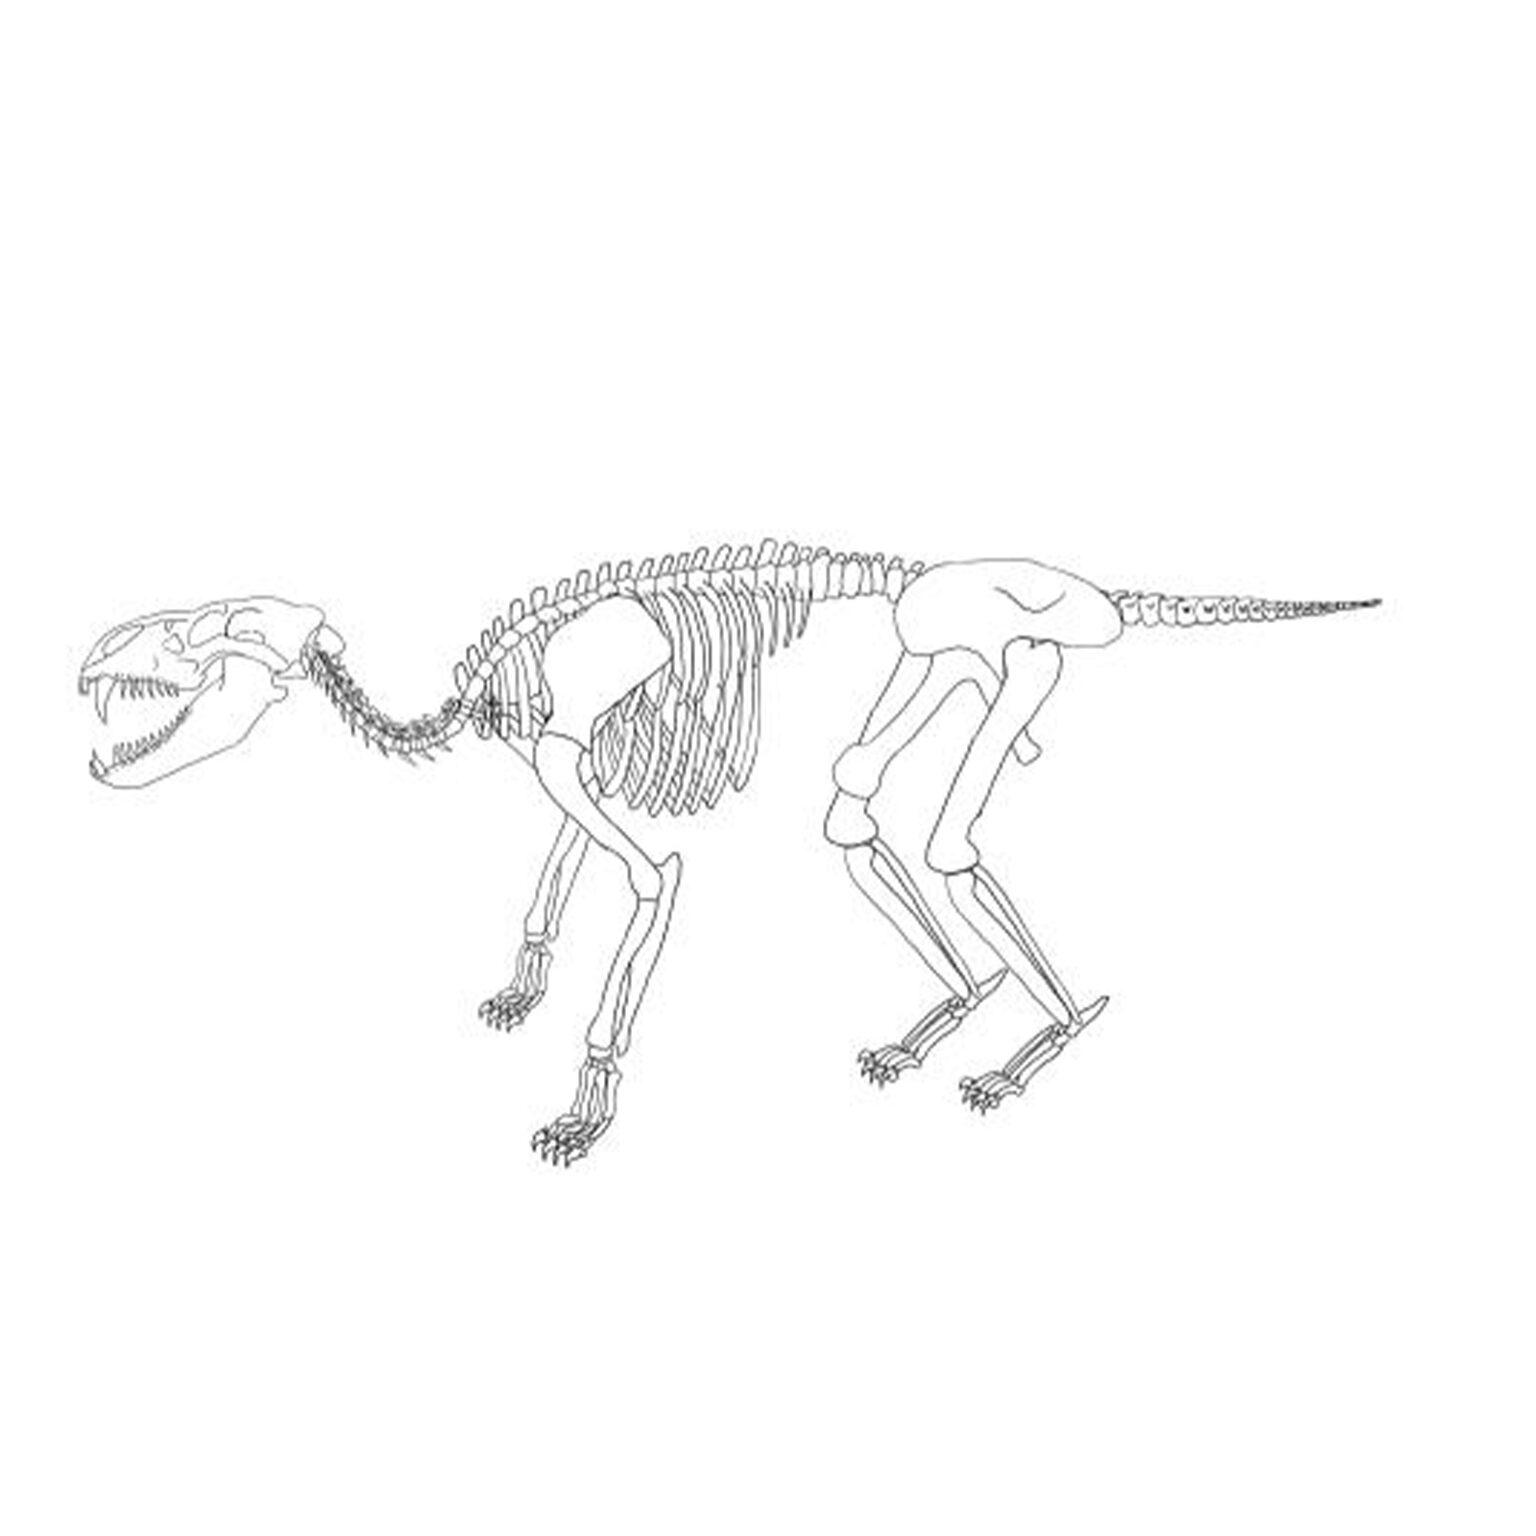 Creature Skeleton